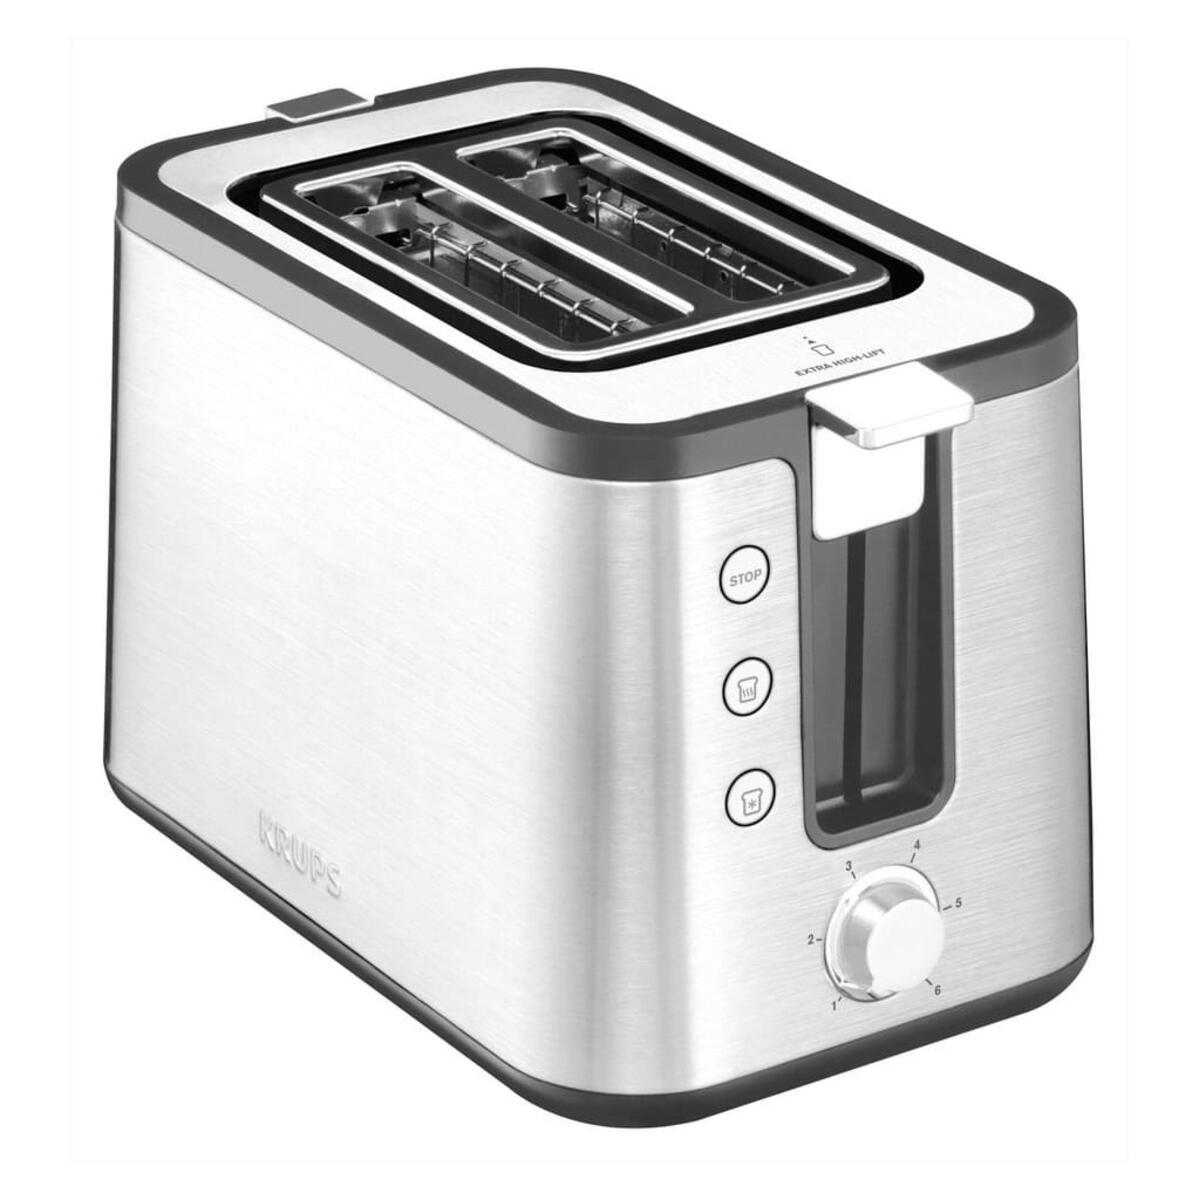 Bild 2 von Krups KH442D Control Line 2-Scheiben Toaster